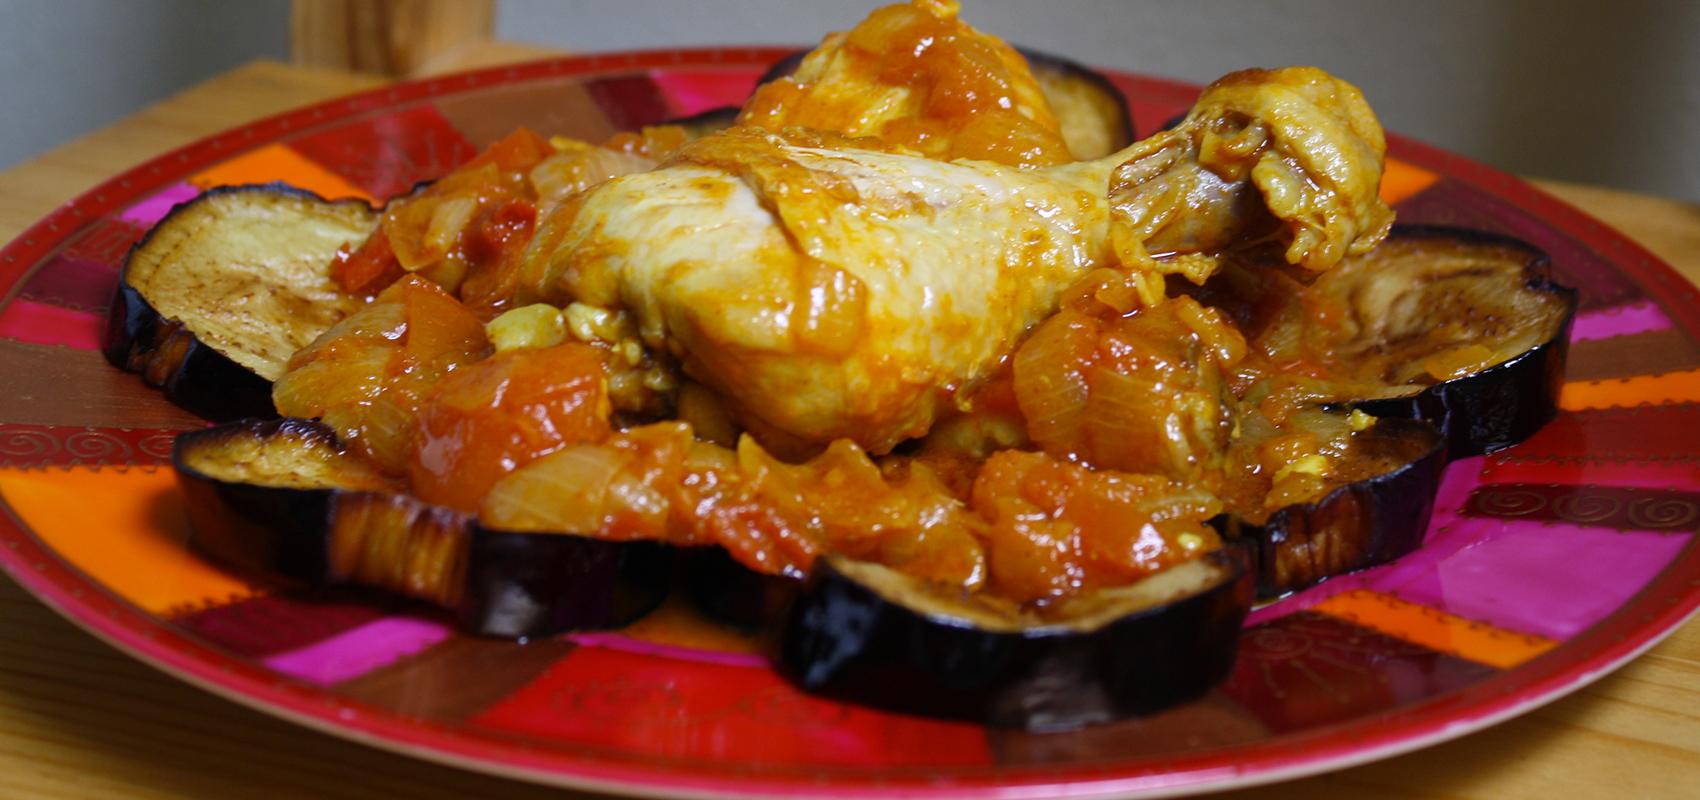 Image gallery les recettes algerienne for Algerienne cuisine